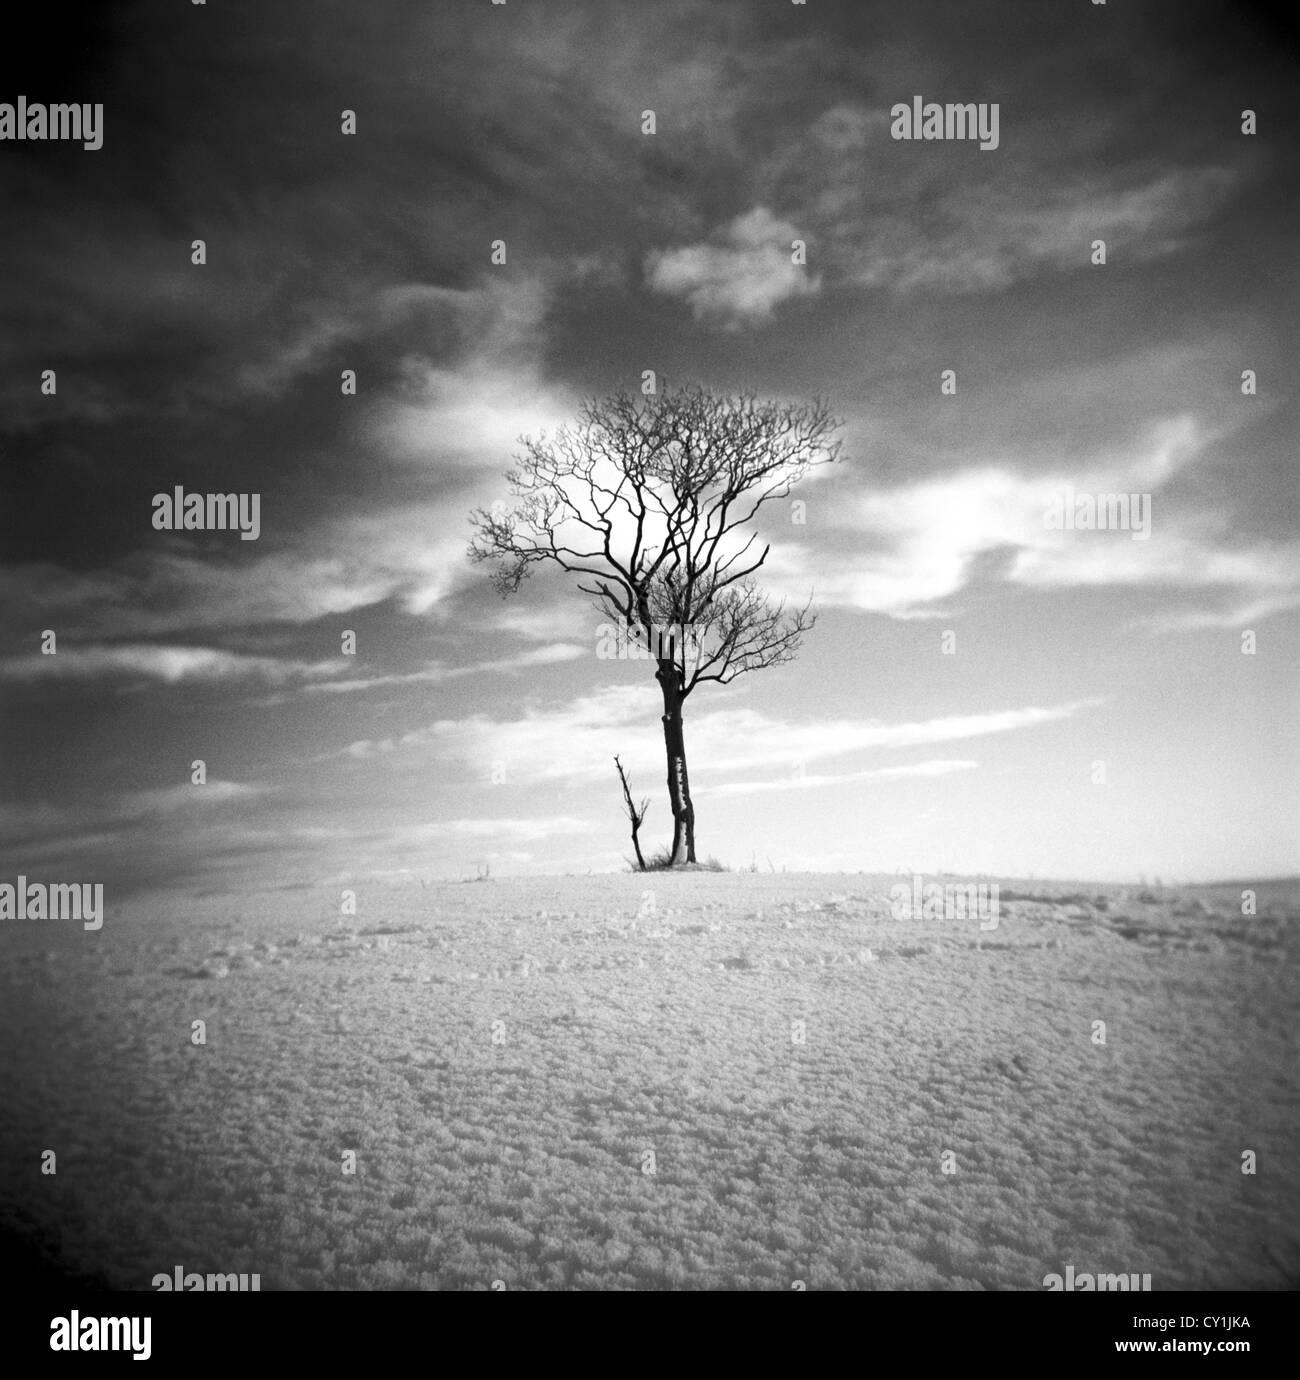 Arbre isolé dans un paysage stérile sous ciel chaud Photo Stock